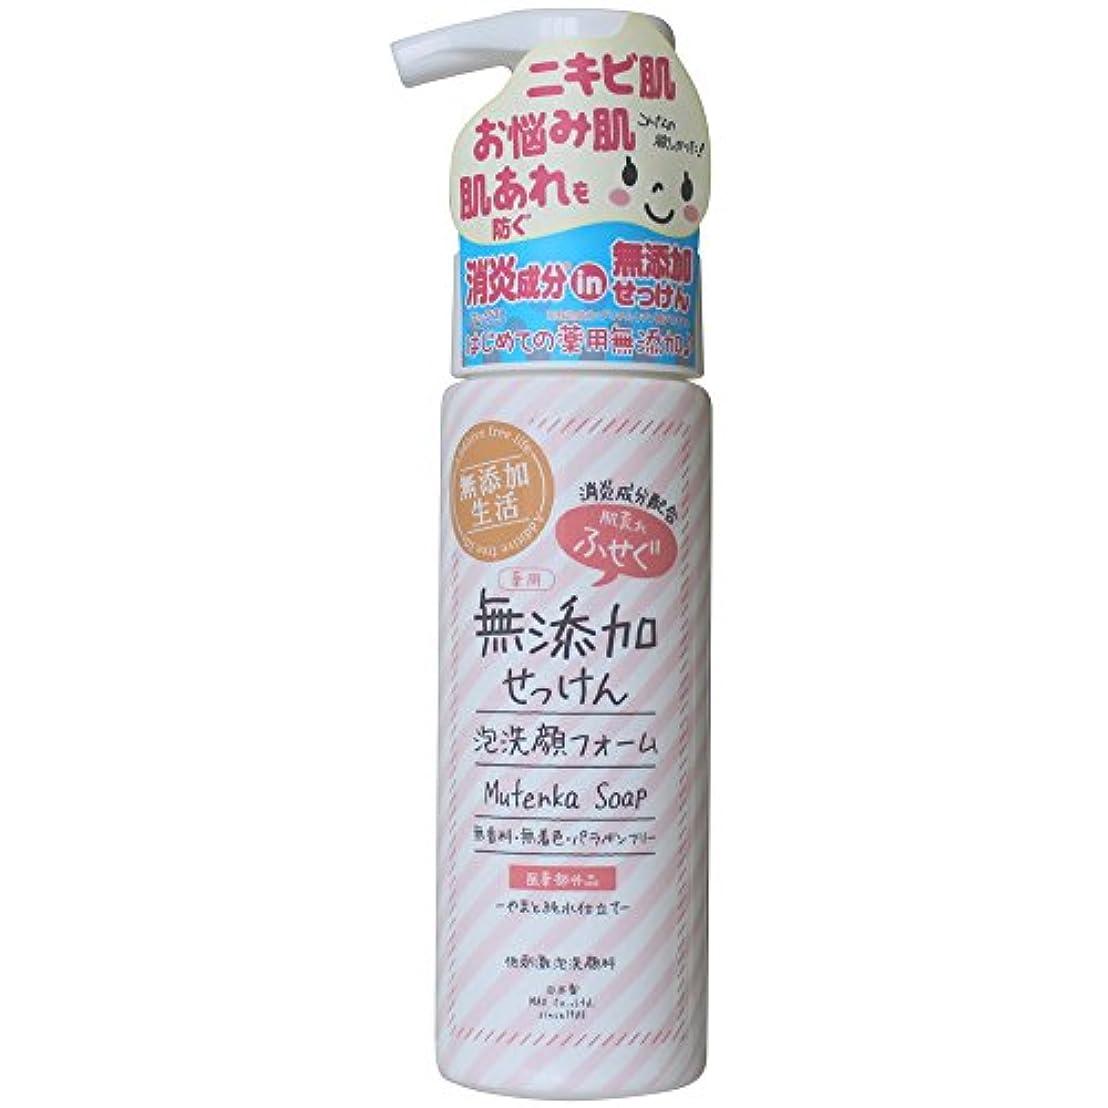 適格渇きラバ肌荒れ防ぐ薬用無添加 洗顔フォーム 200mL